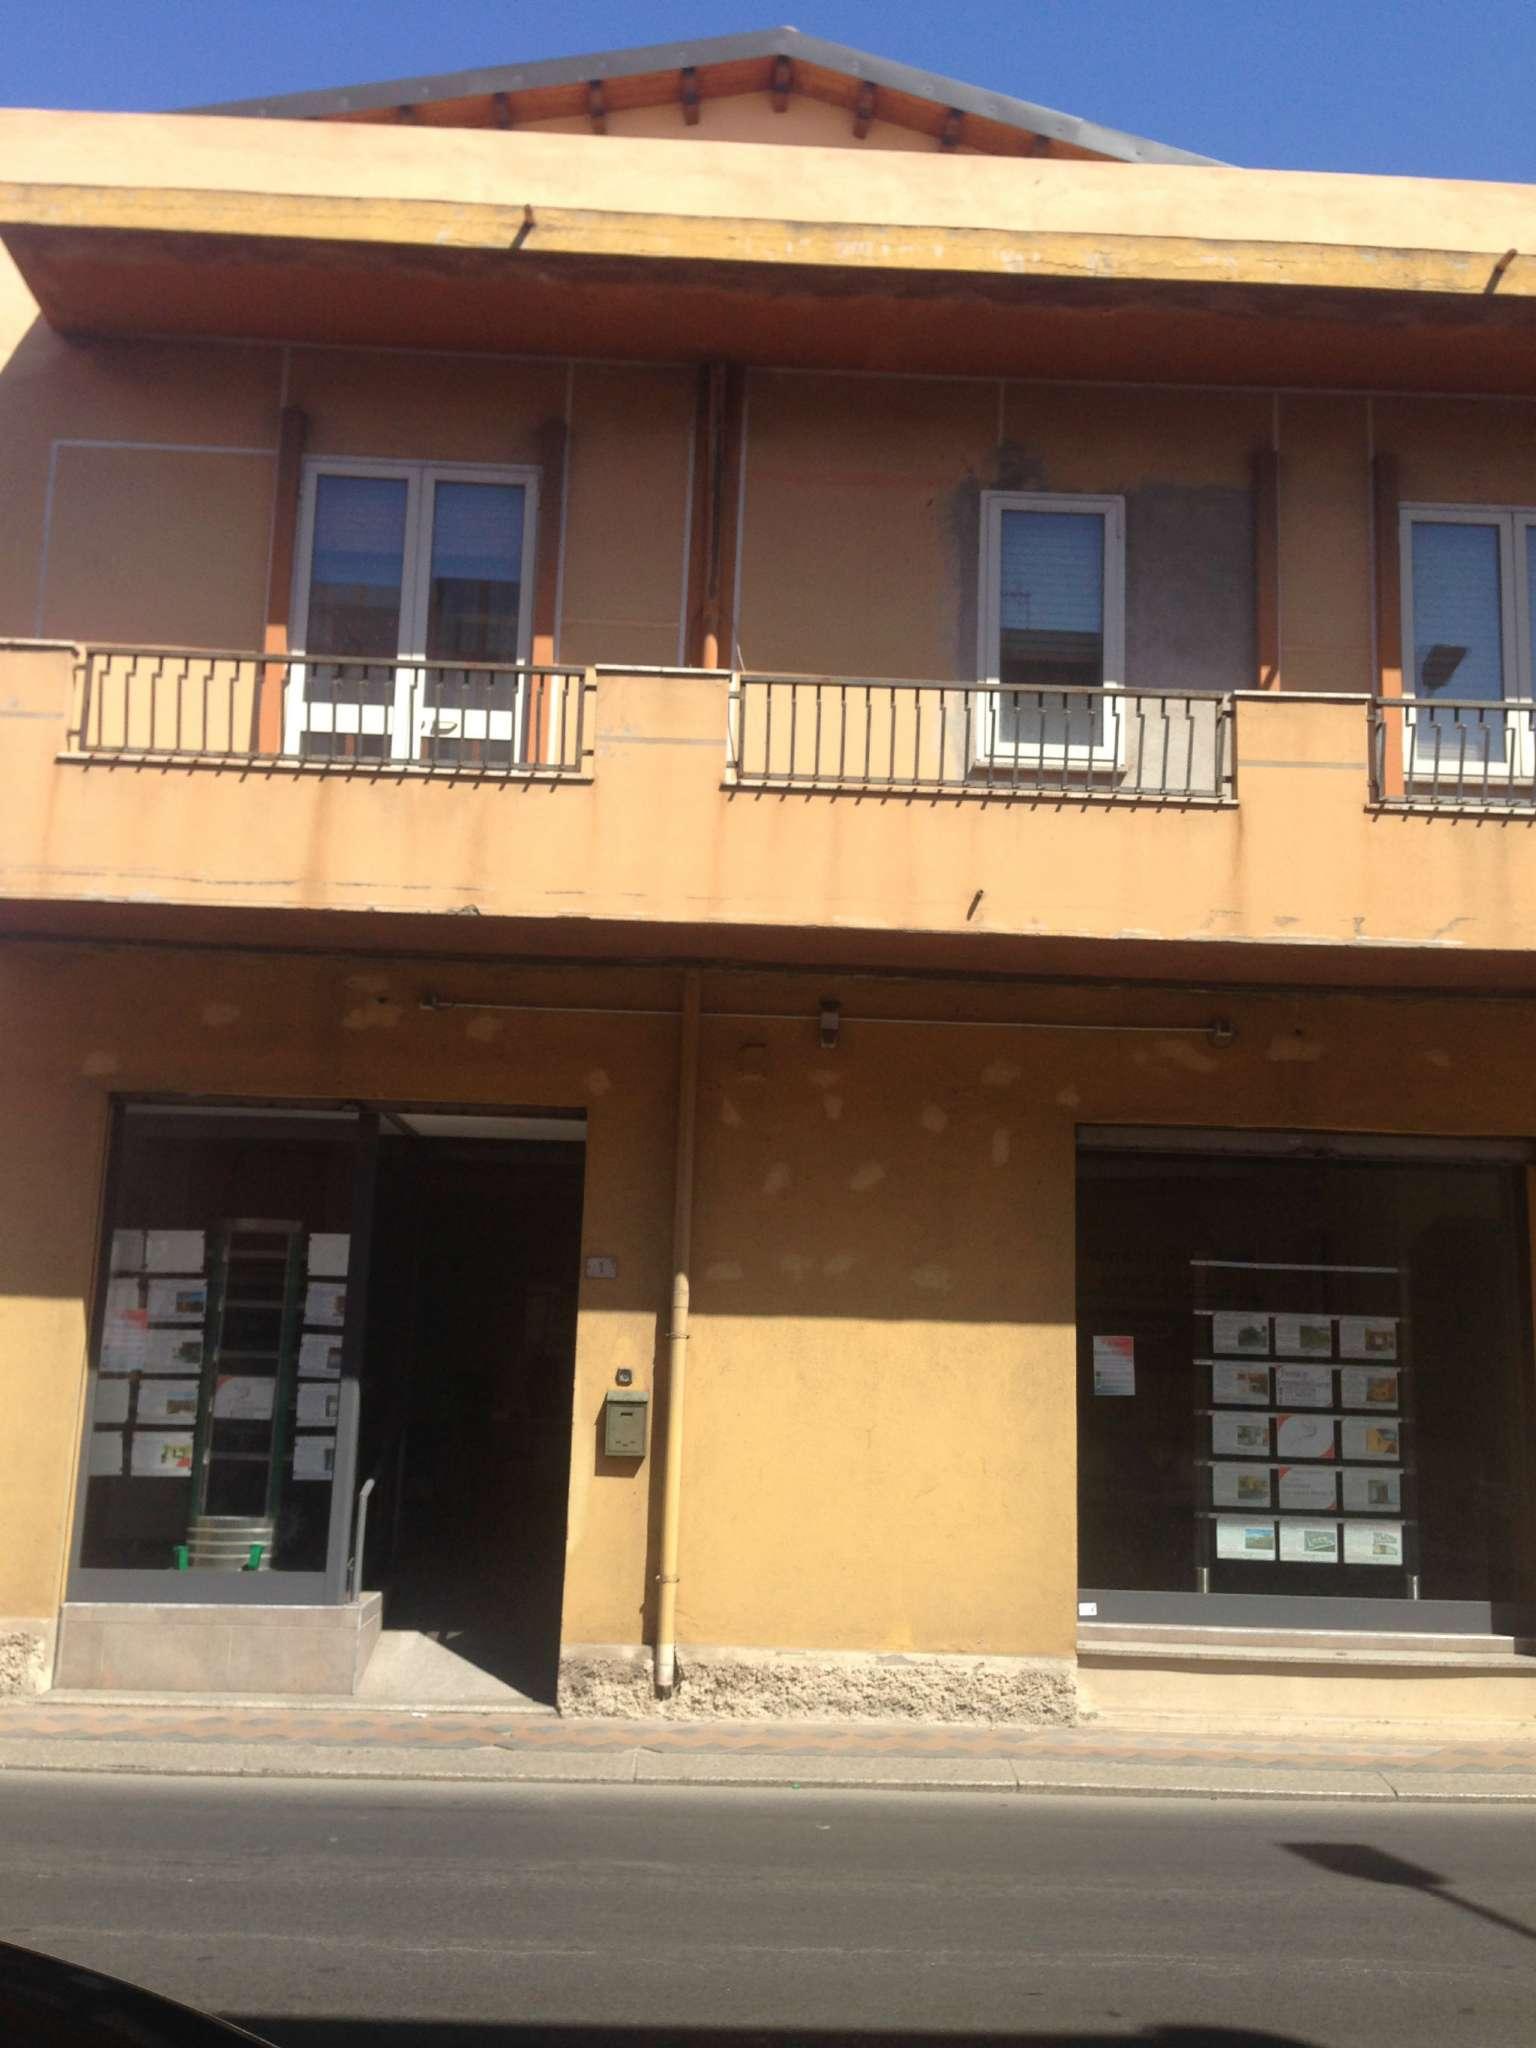 Ufficio / Studio in affitto a Sinnai, 2 locali, prezzo € 700 | CambioCasa.it